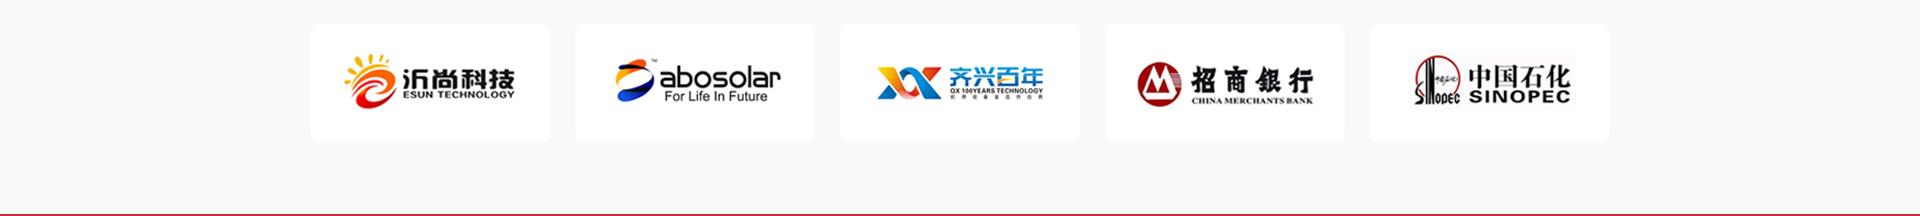 亚加电机_电机生产案例_高端定制案例